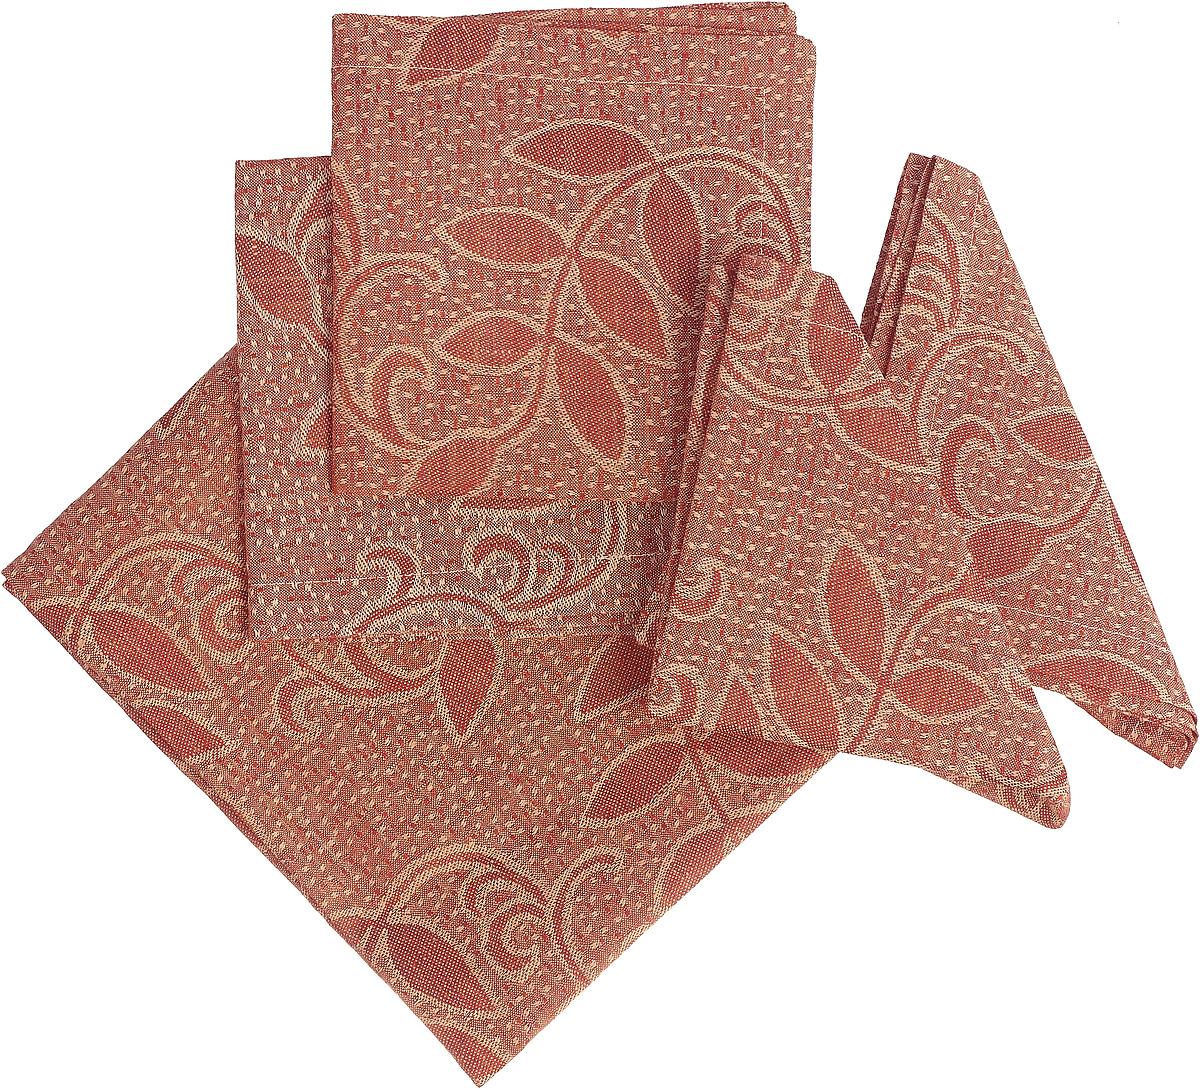 Набор столового белья Гаврилов-Ямский Лен, 713, оранжевый, золотистый capri одежда из льна